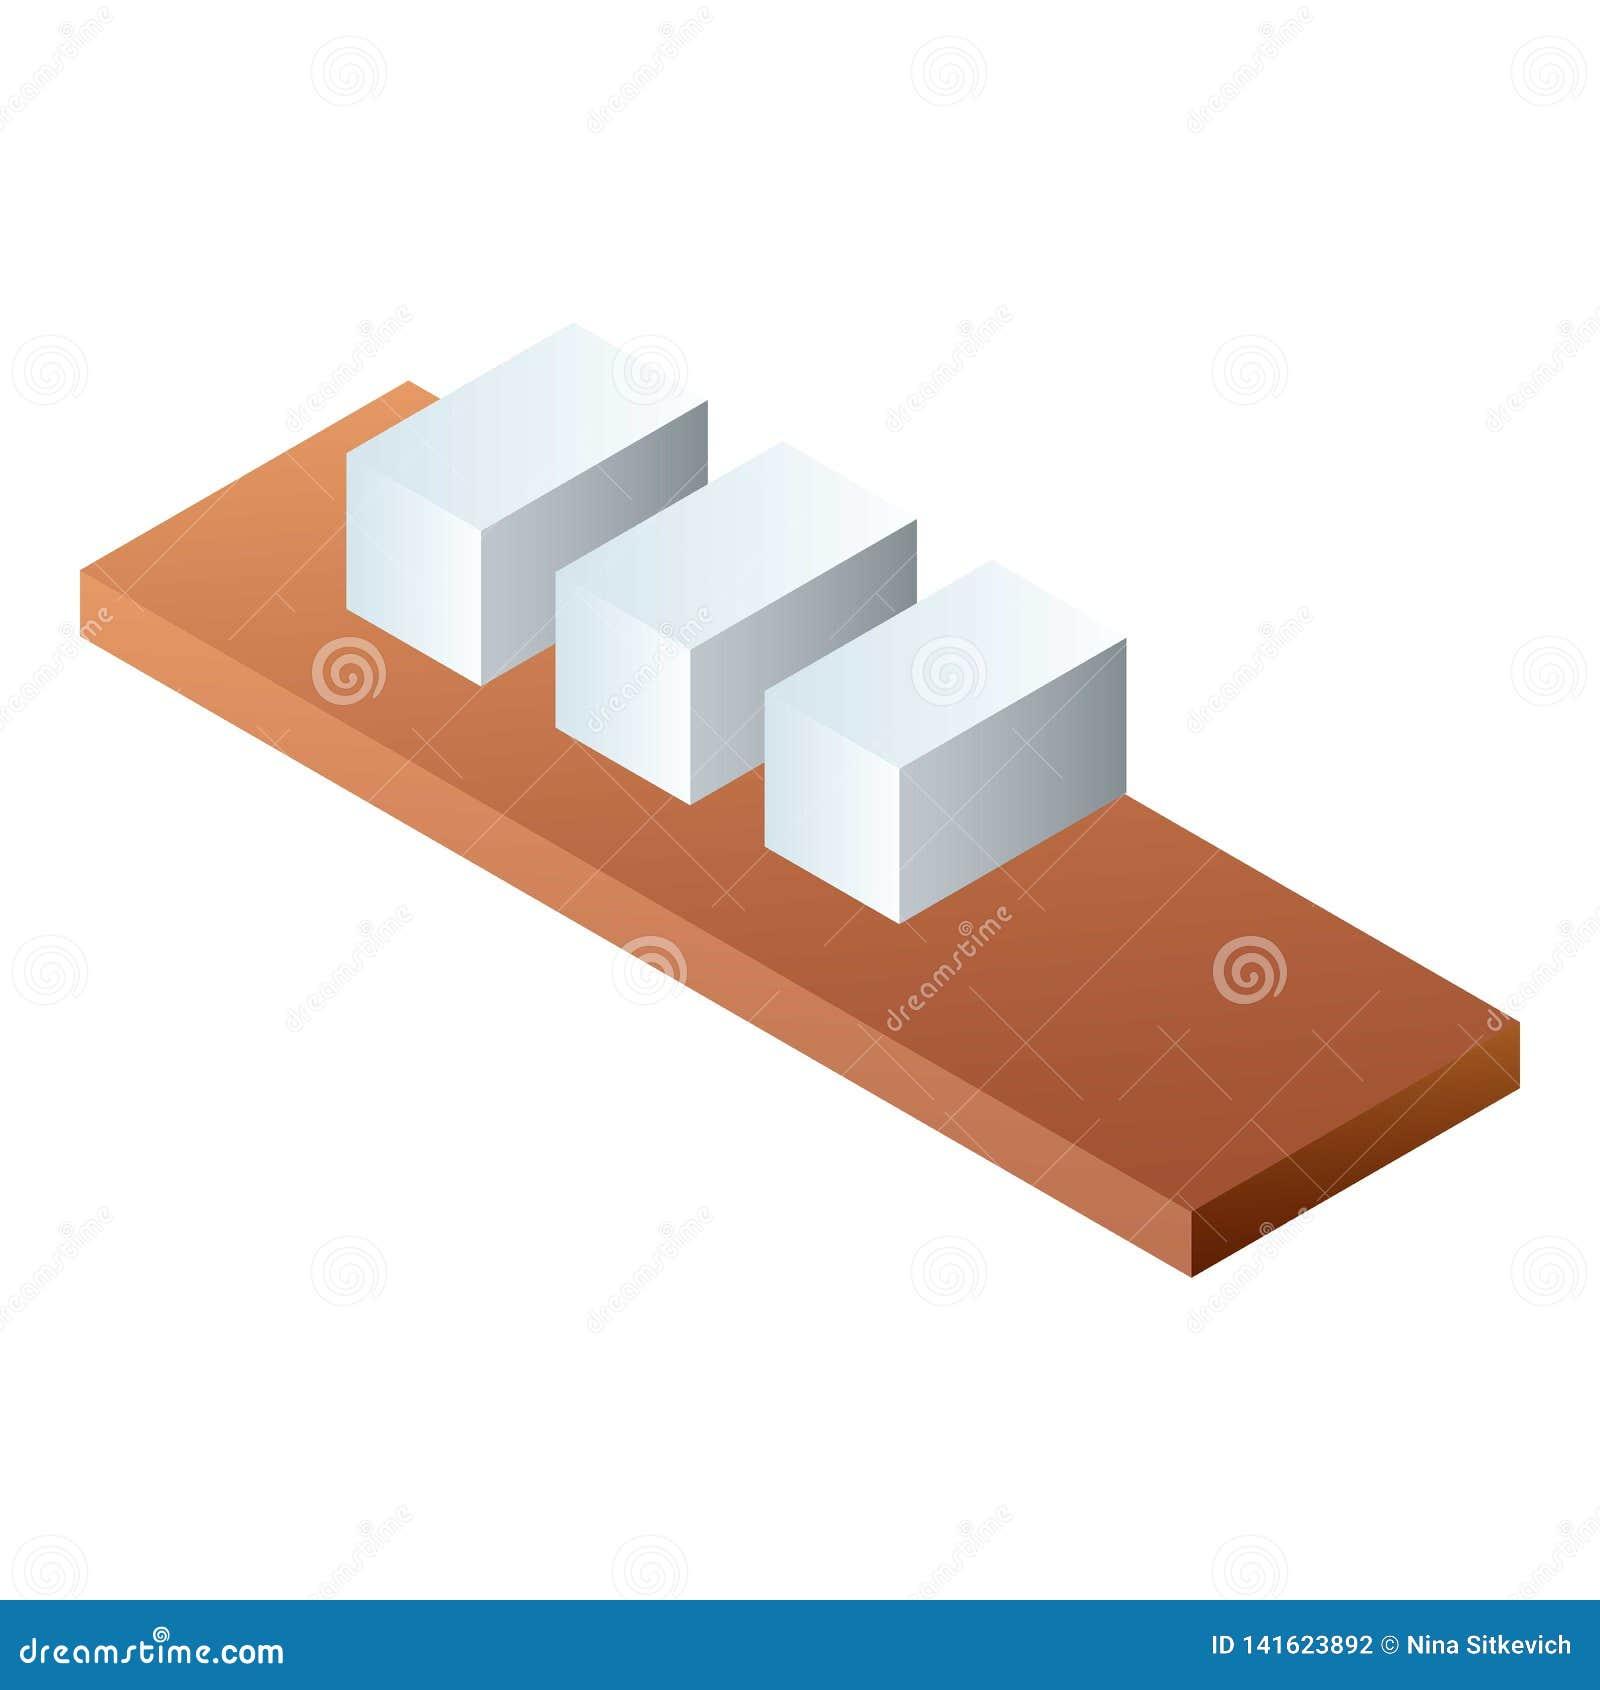 Ladrillos en el icono de madera del estante, estilo isométrico